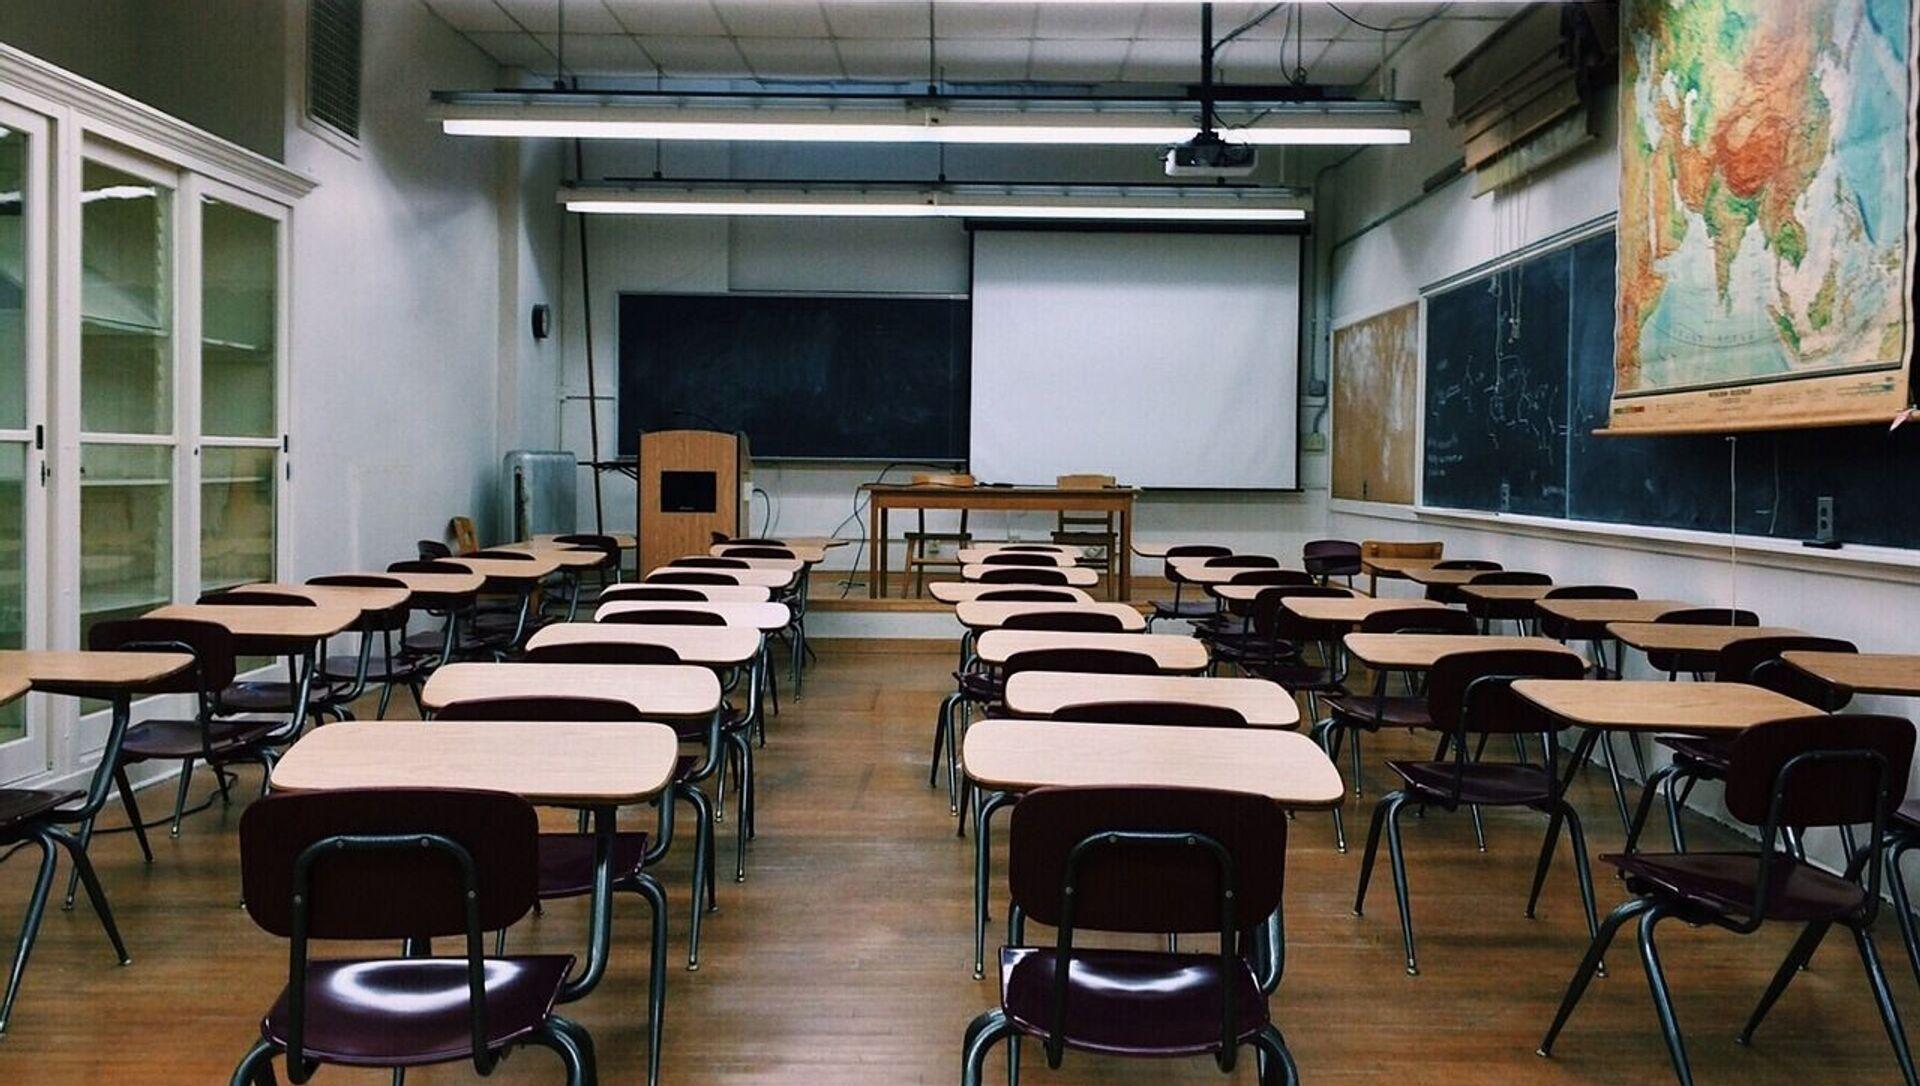 Établissement scolaire - Sputnik France, 1920, 03.09.2021